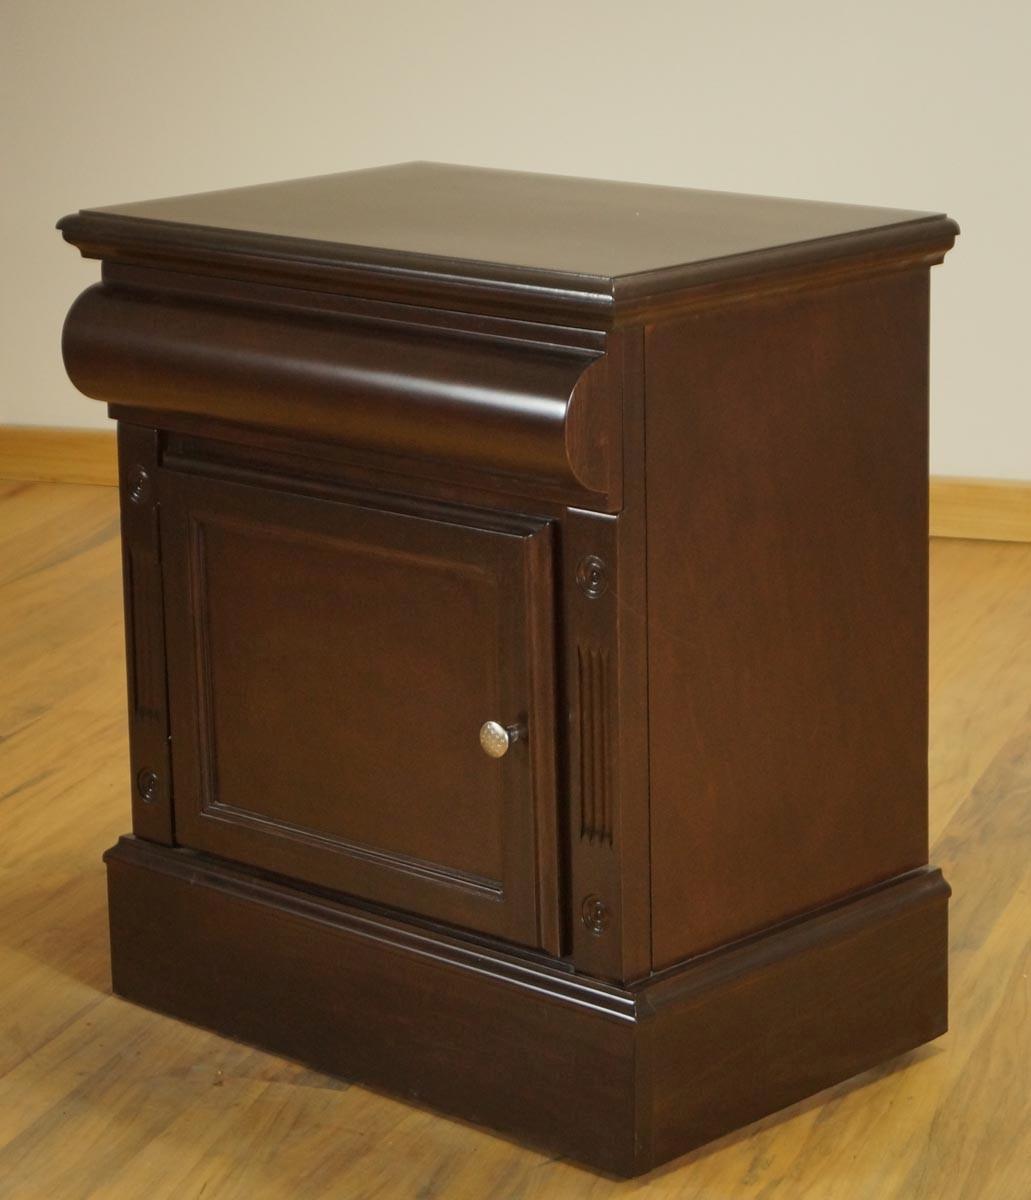 Buro de madera para recamara casa bonita muebles for Recamaras modernas de madera